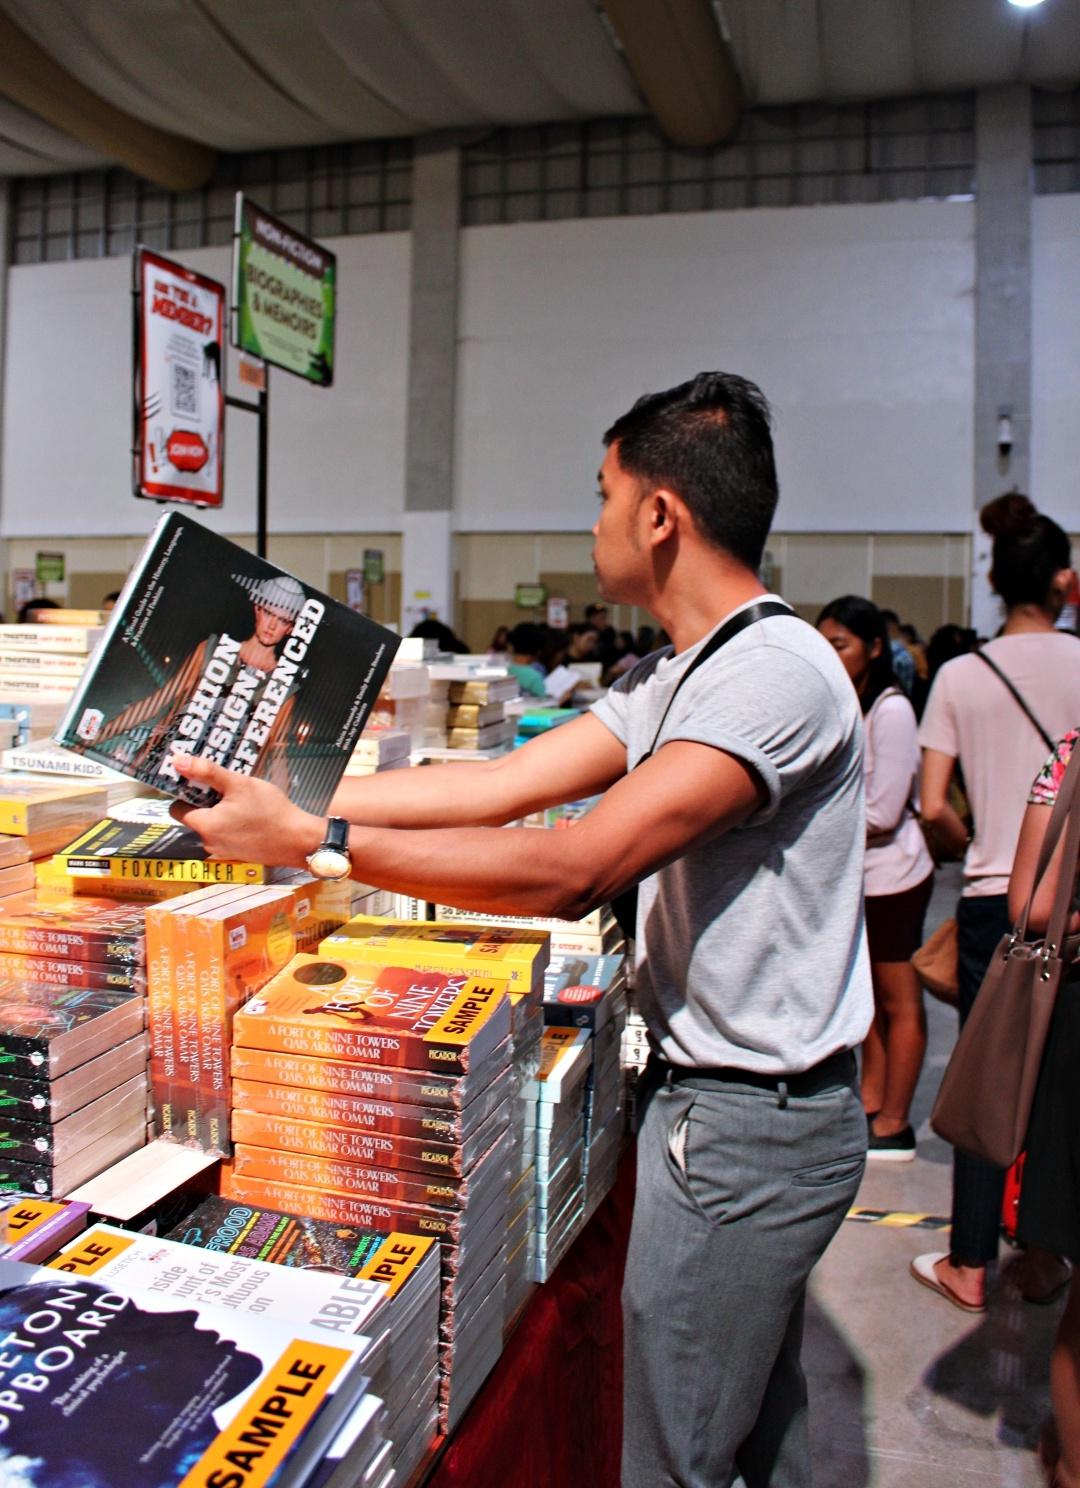 CEBU-BLOGGER-BIGBADWOLF-BOOKS-SALE-ALMOSTABLOGGER.jpg